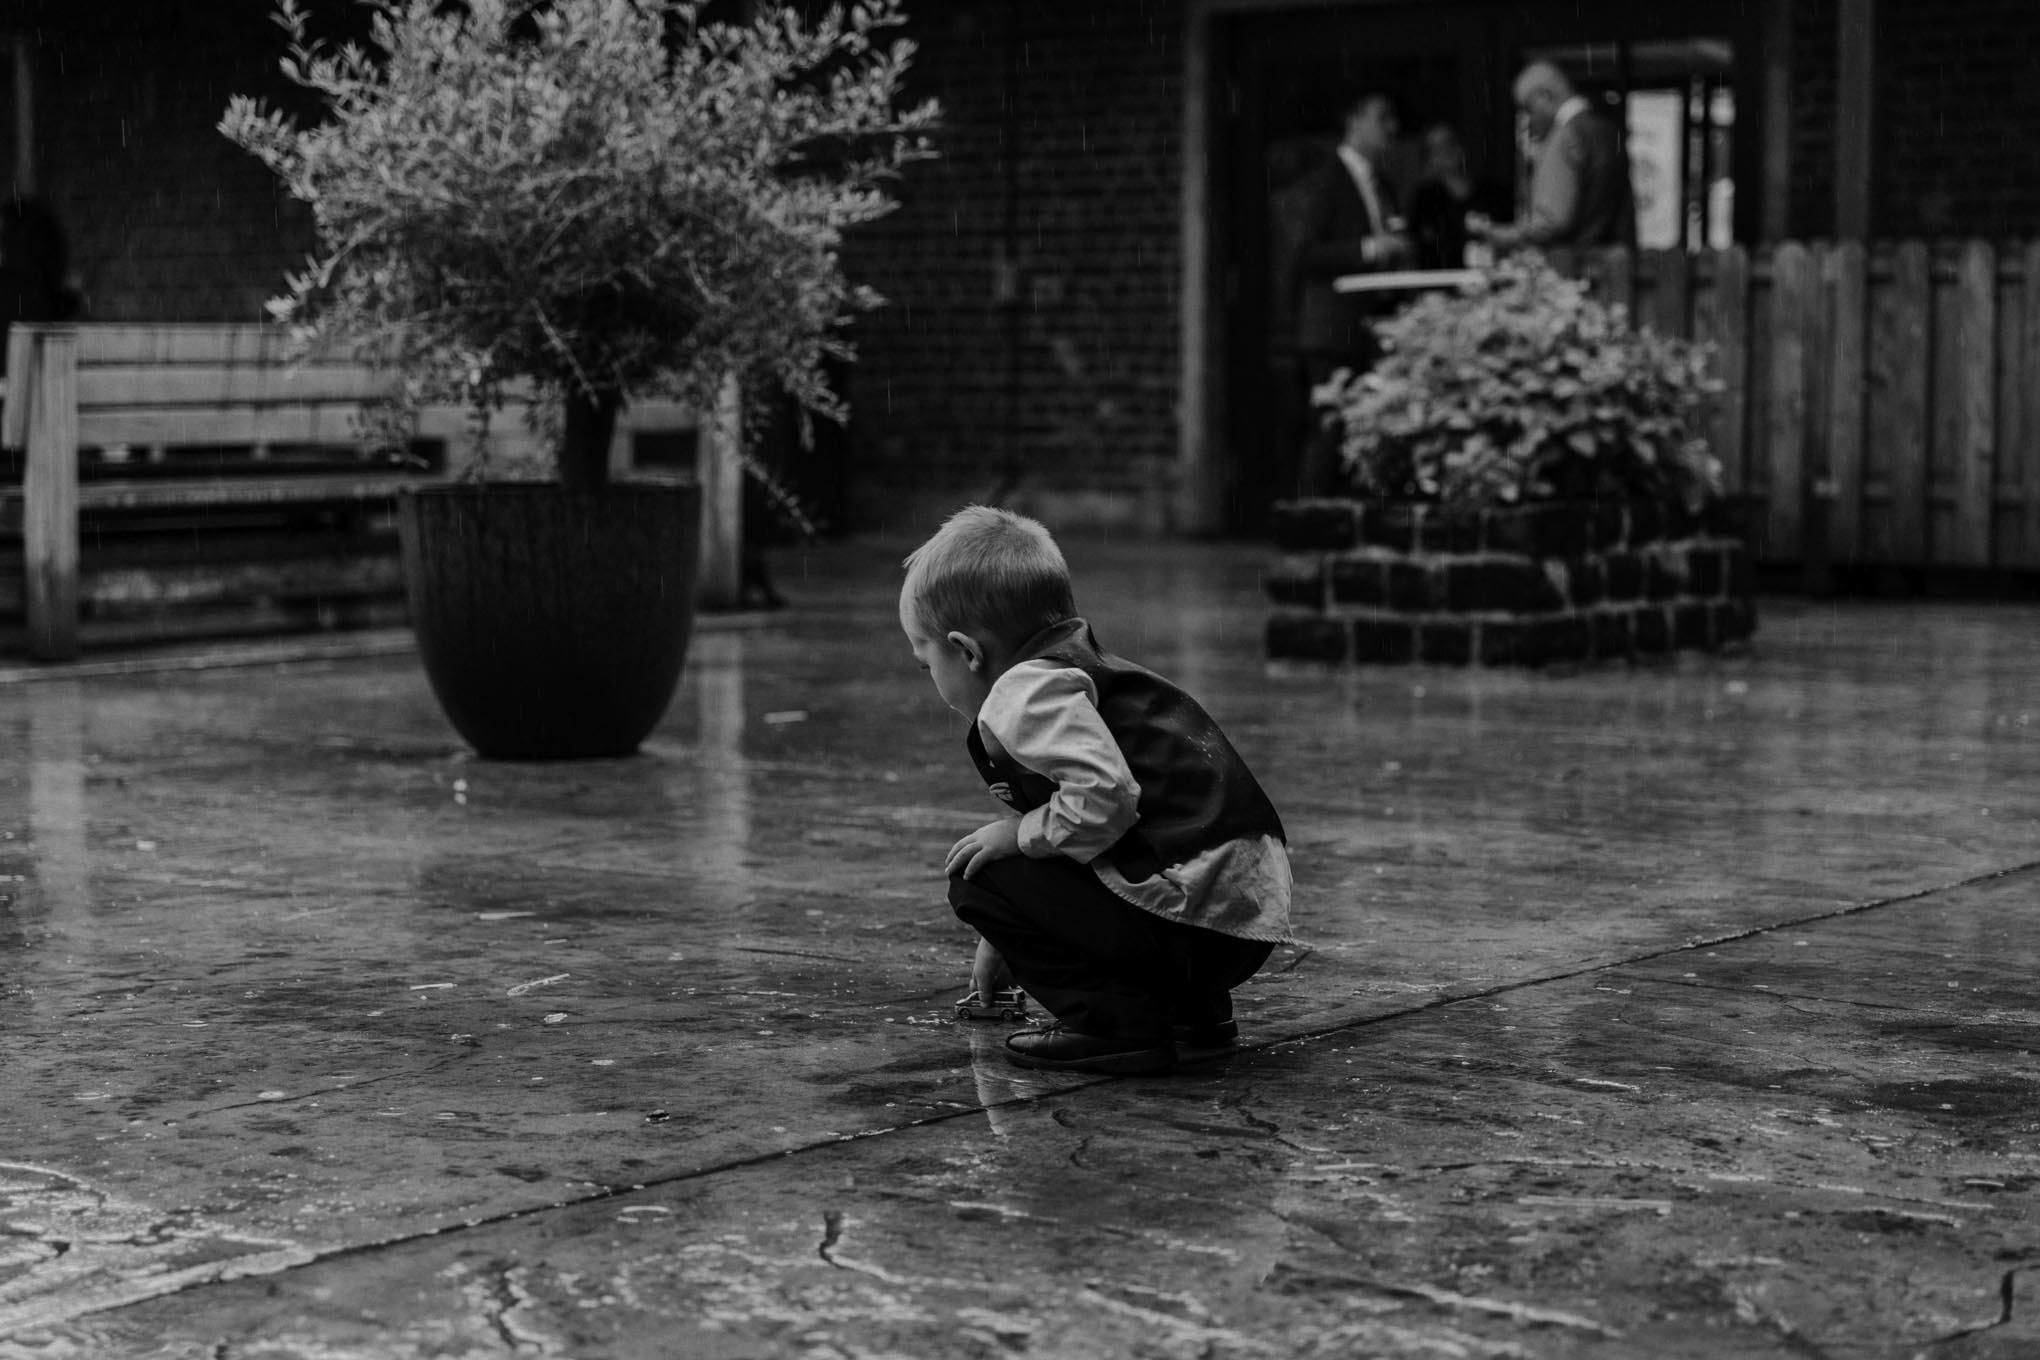 spielendes Kind im Regen